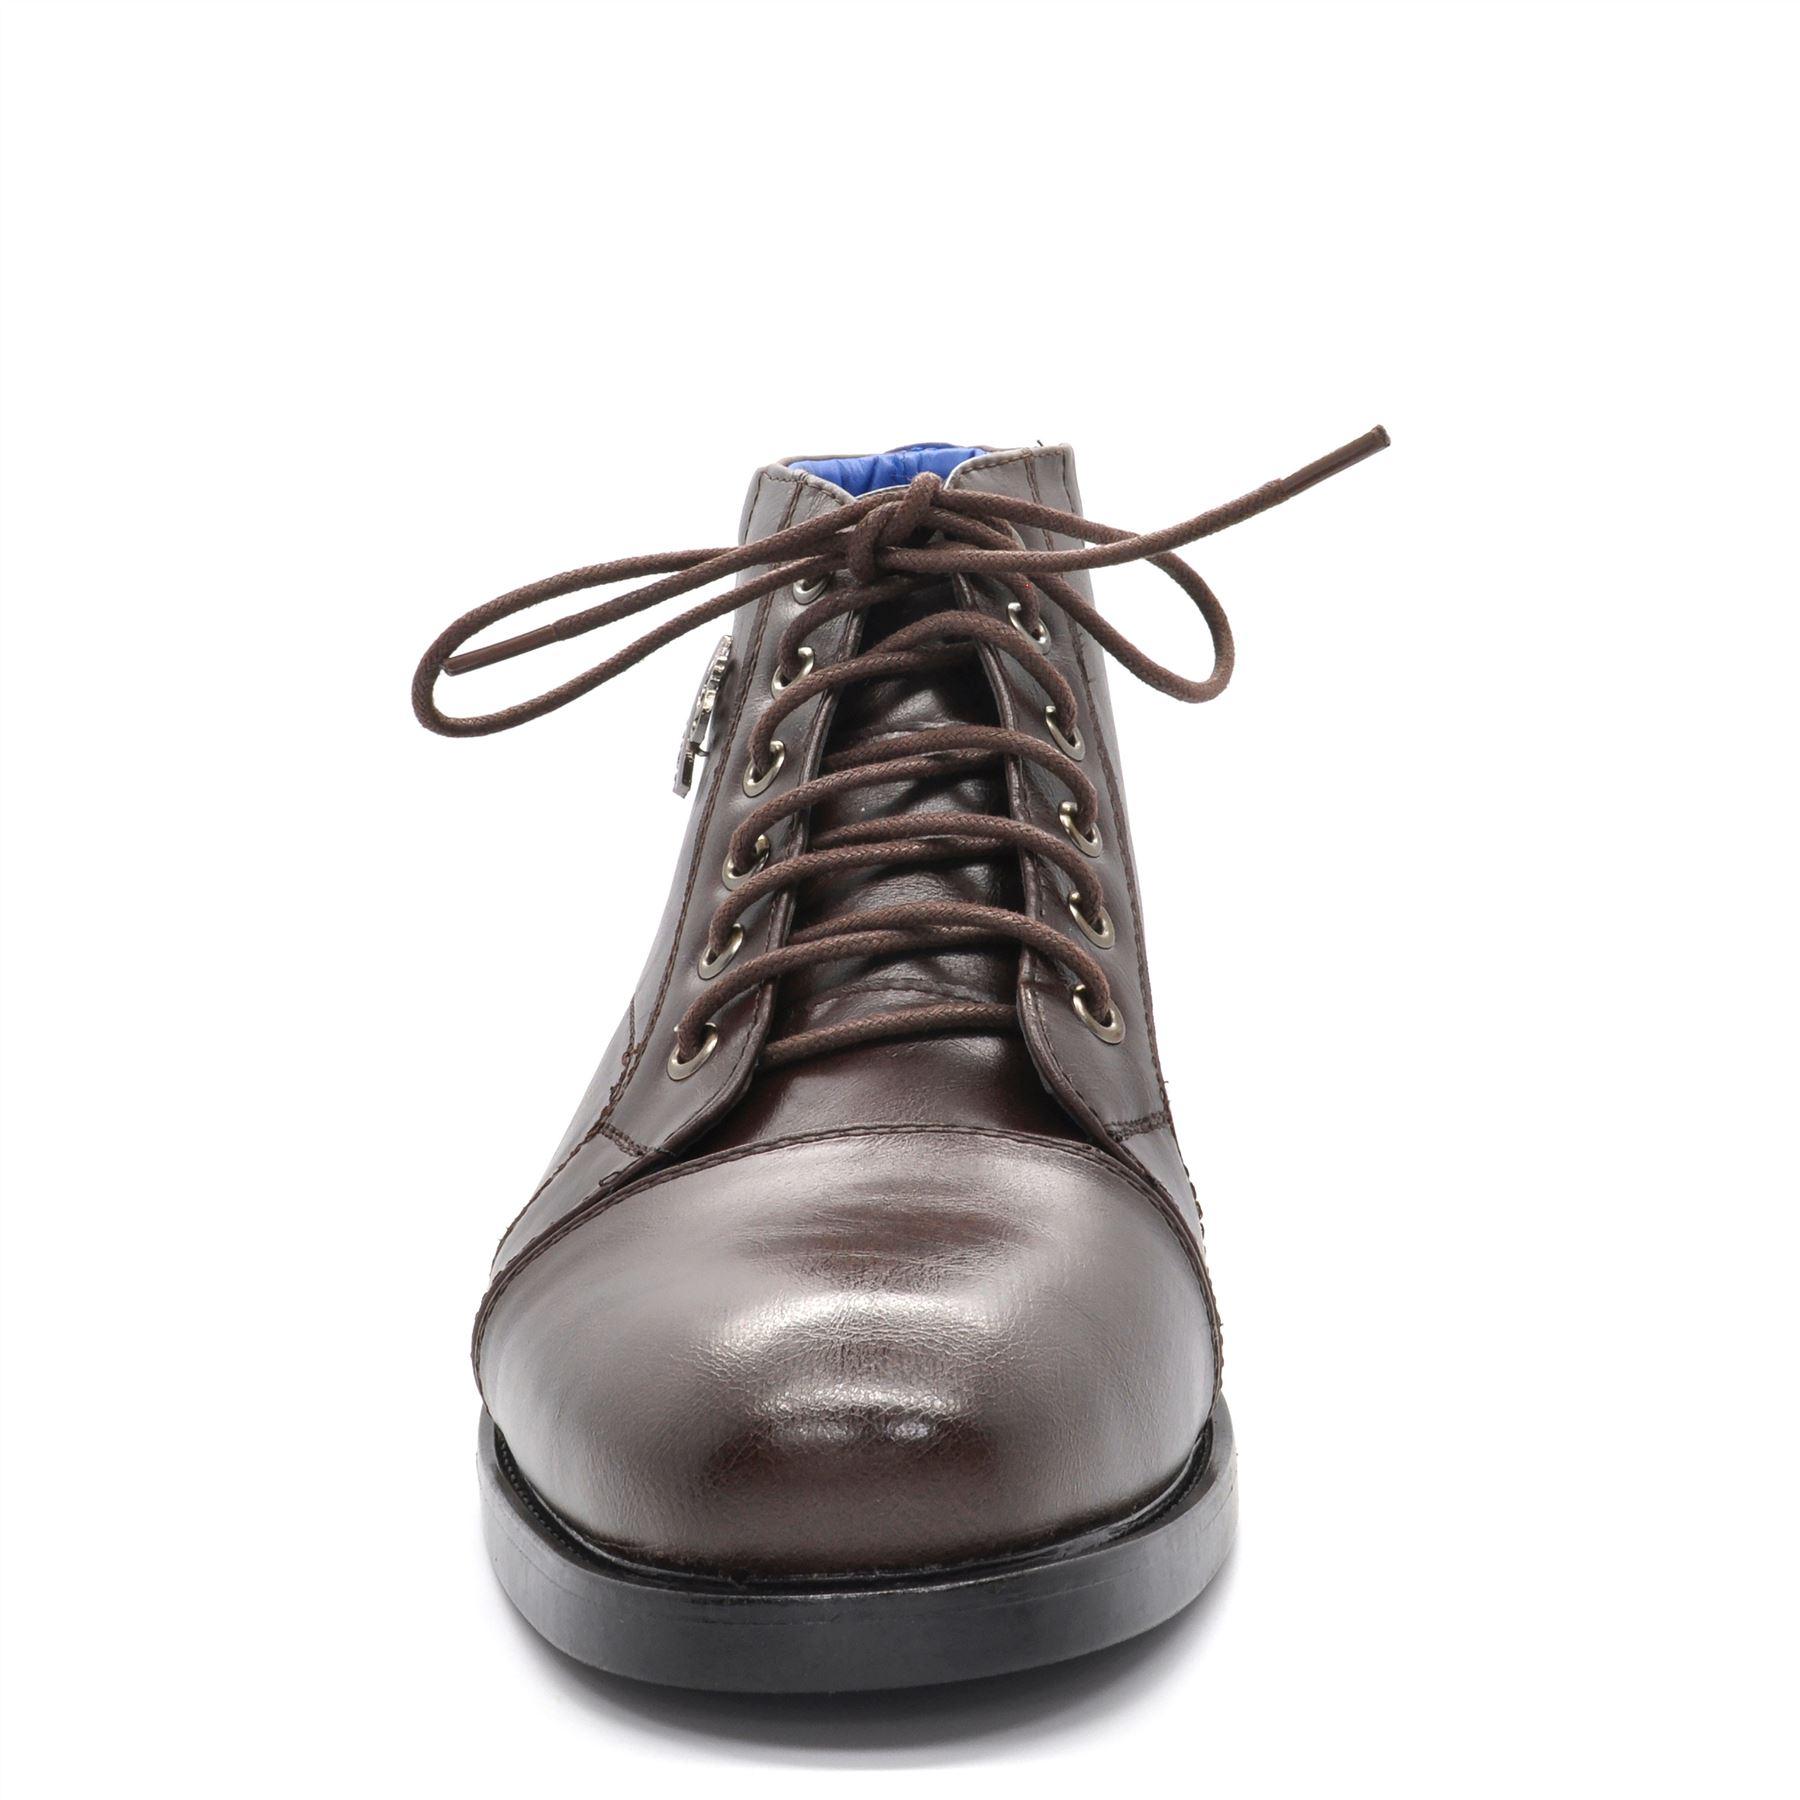 Nouveau daim homme casual en daim Nouveau cuir désert bottines smart lacets chaussures confort uk f9cedf